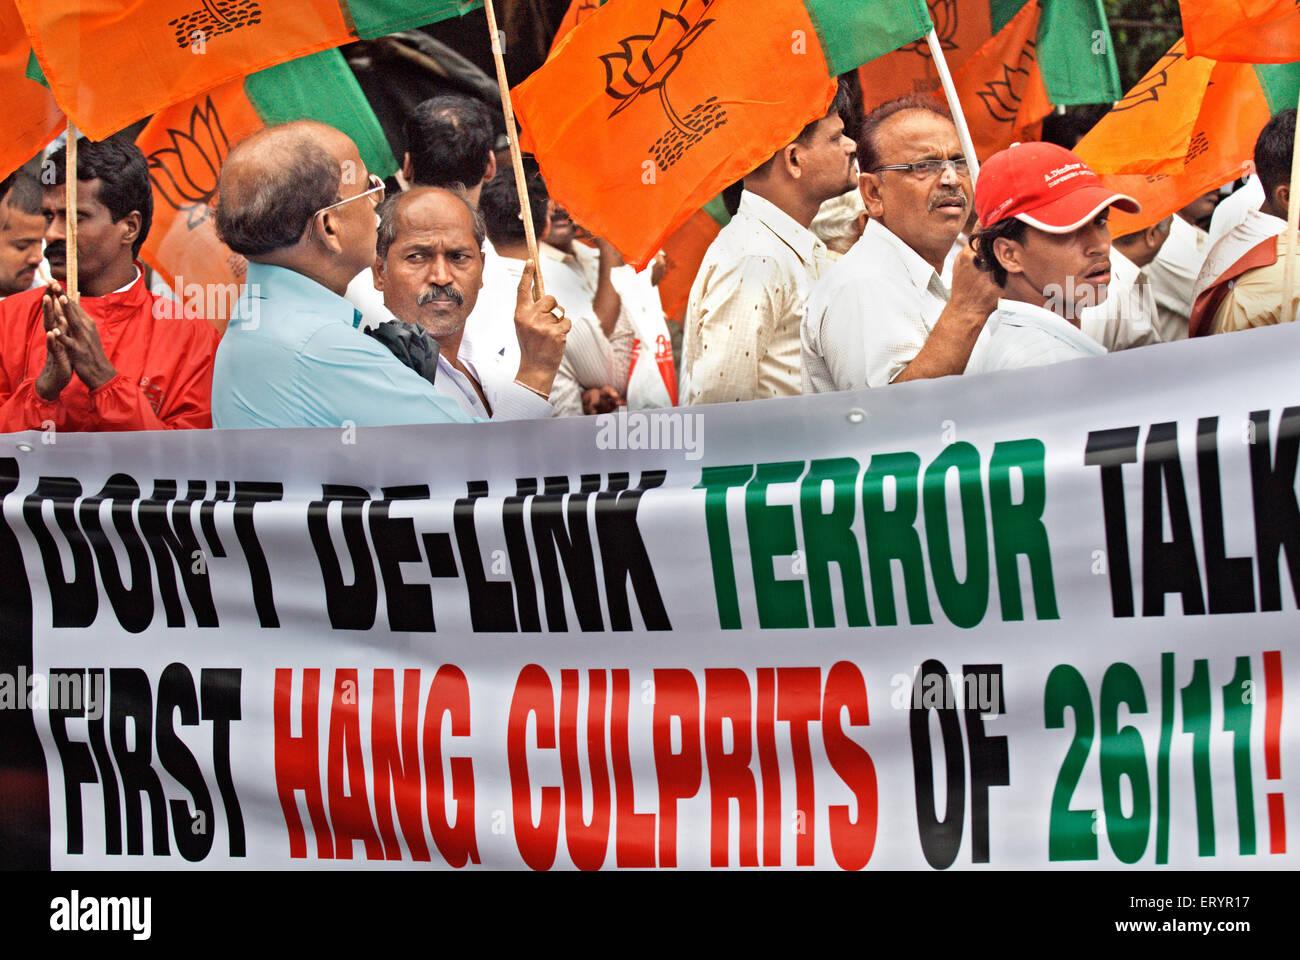 Bharatiya janata party bjp activists protesting against 26/11 terrorists attack ; Bombay Mumbai ; Maharashtra - Stock Image